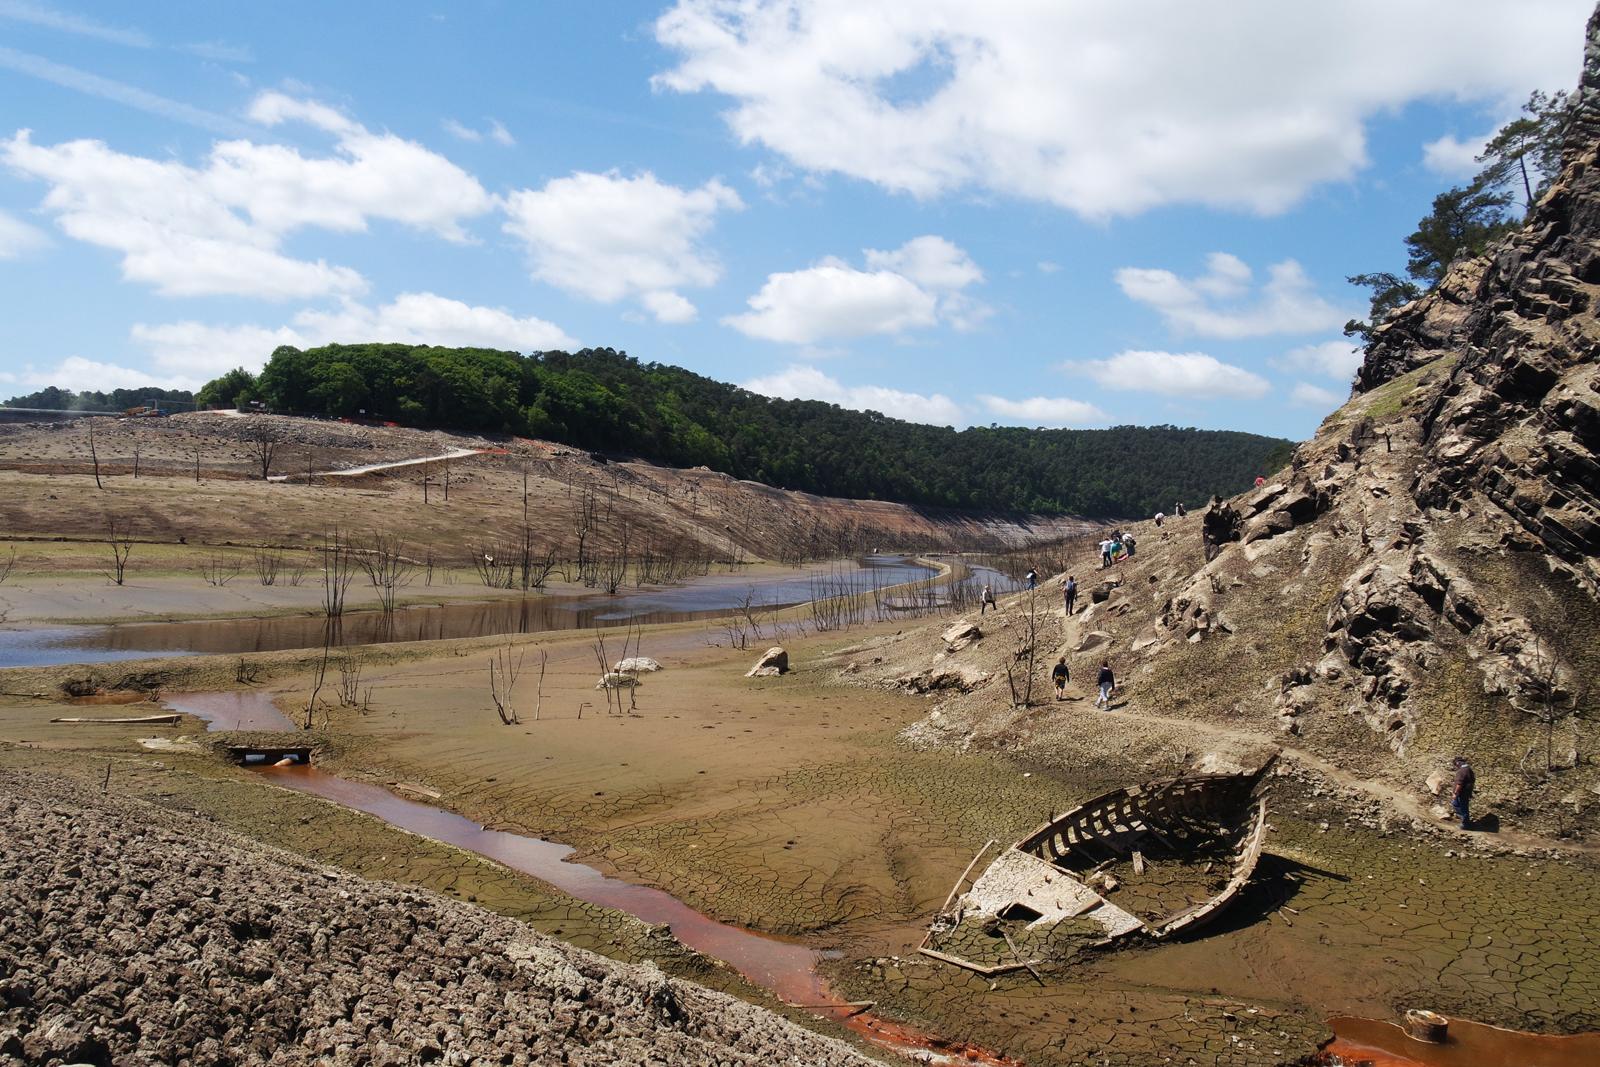 Lac-de-Guerledan-vidange-2015-barrage-vide-point-de-vue-panoramique-Anse-Rond-Point-du-Lac-mûr-de-Bretagne-épave-barque-tourisme-circuit-découverte-photo-by-blog-united-states-of-paris